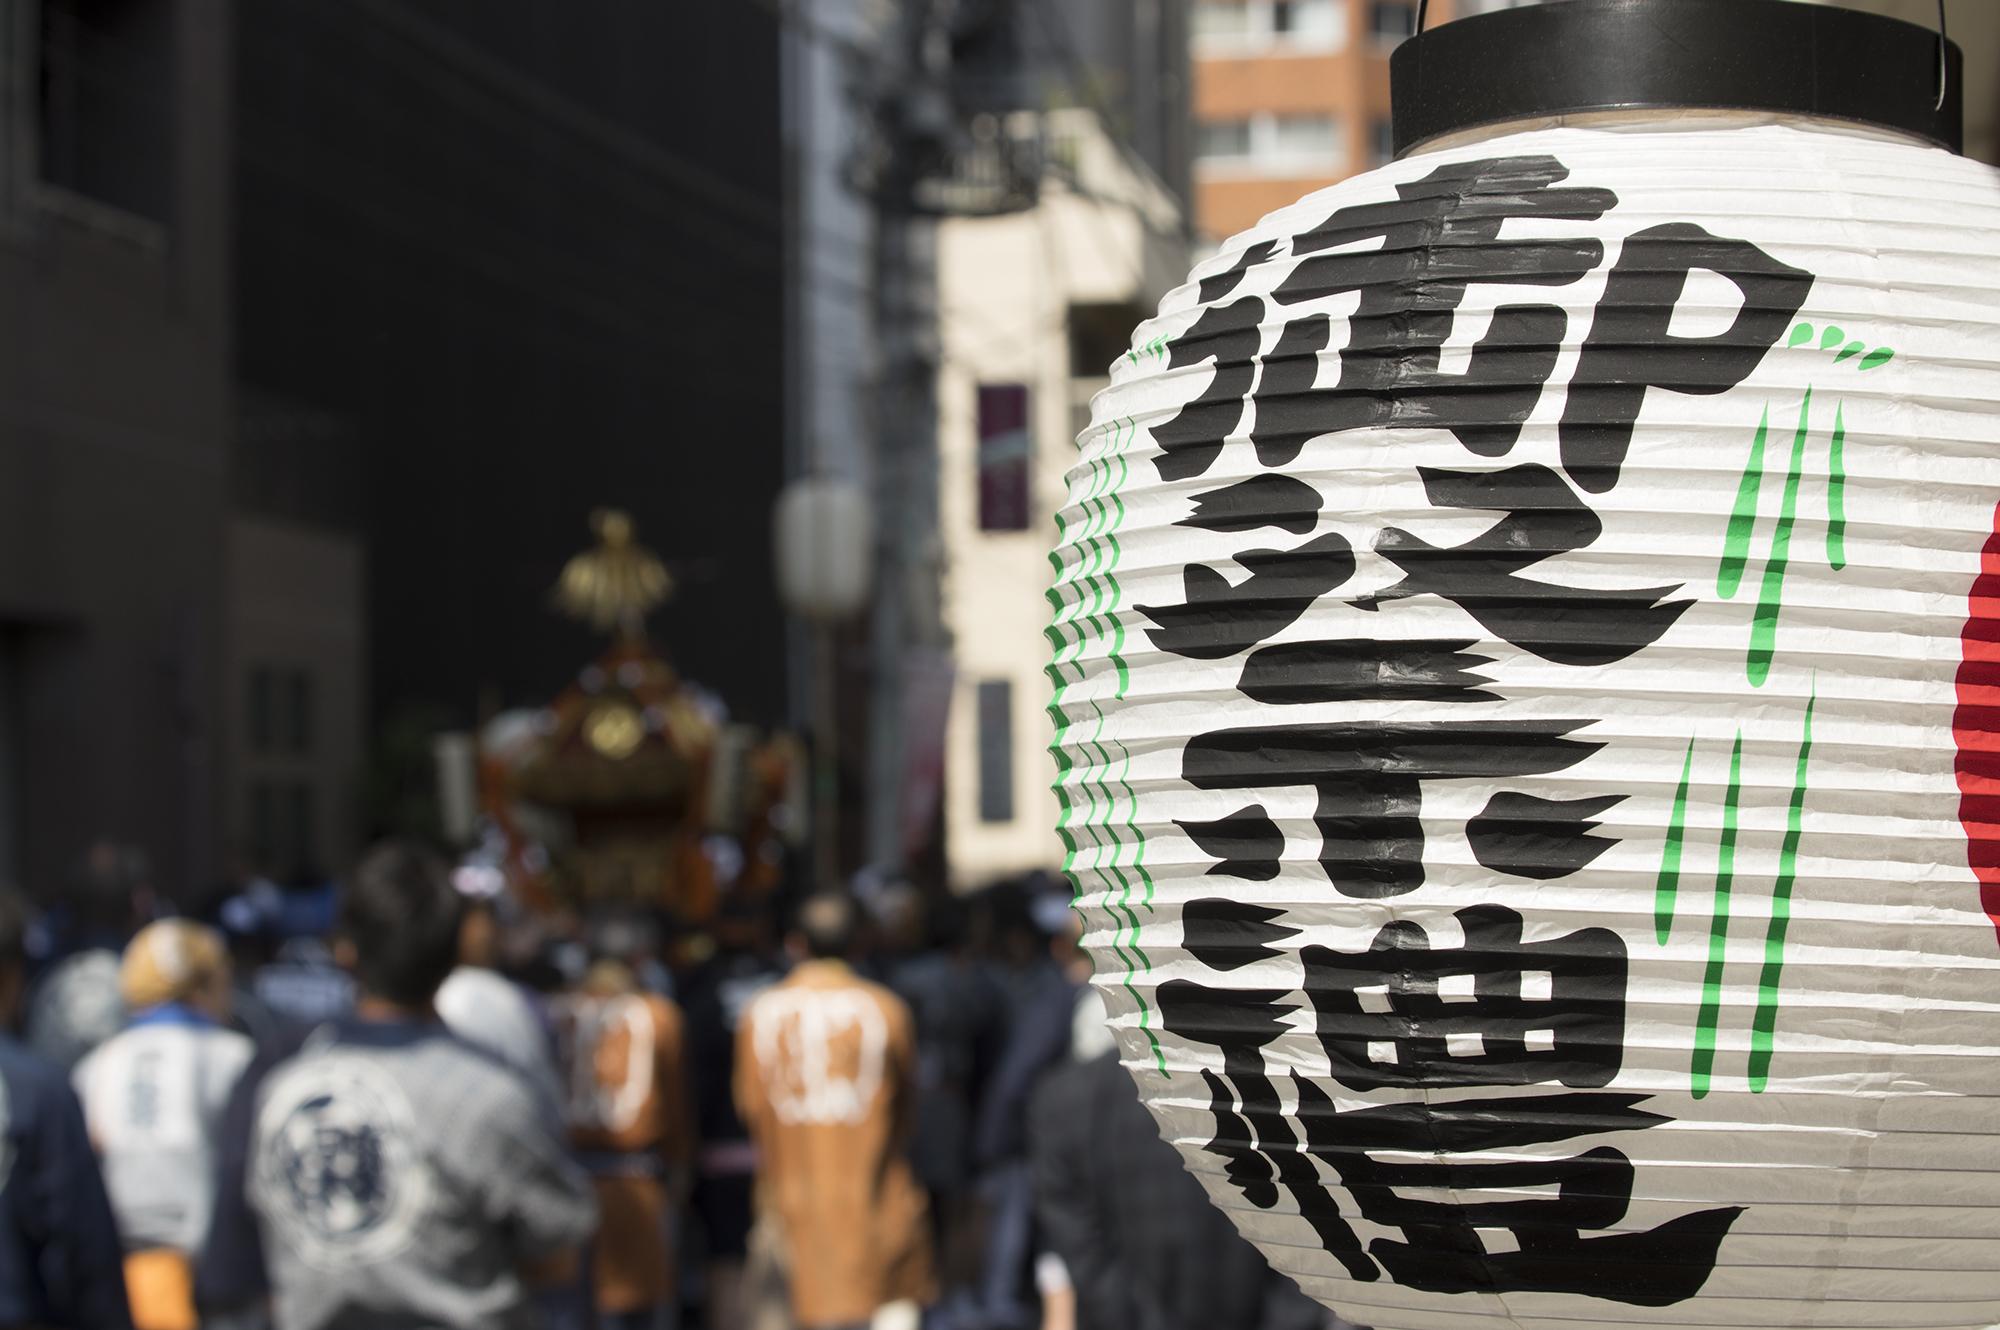 江差町のかもめ島祭りをご紹介!函館へ7月に旅行をする方へもおすすめ!